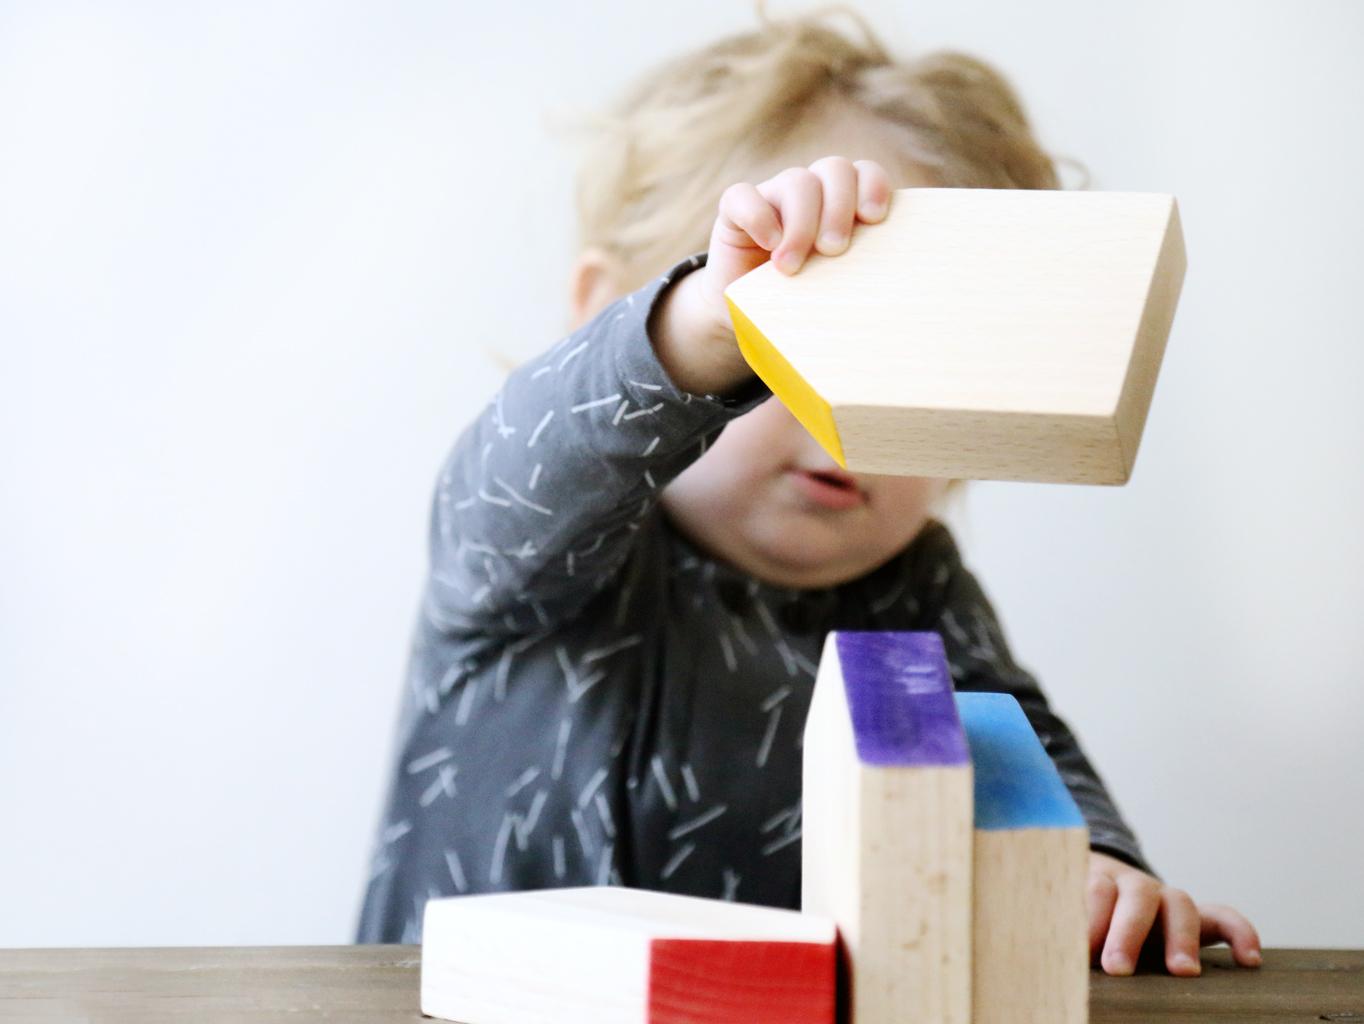 Coconeh: verantwoord en uniek speelgoedwinkel amsterdam montessori speelgoed houten blokken Grapat